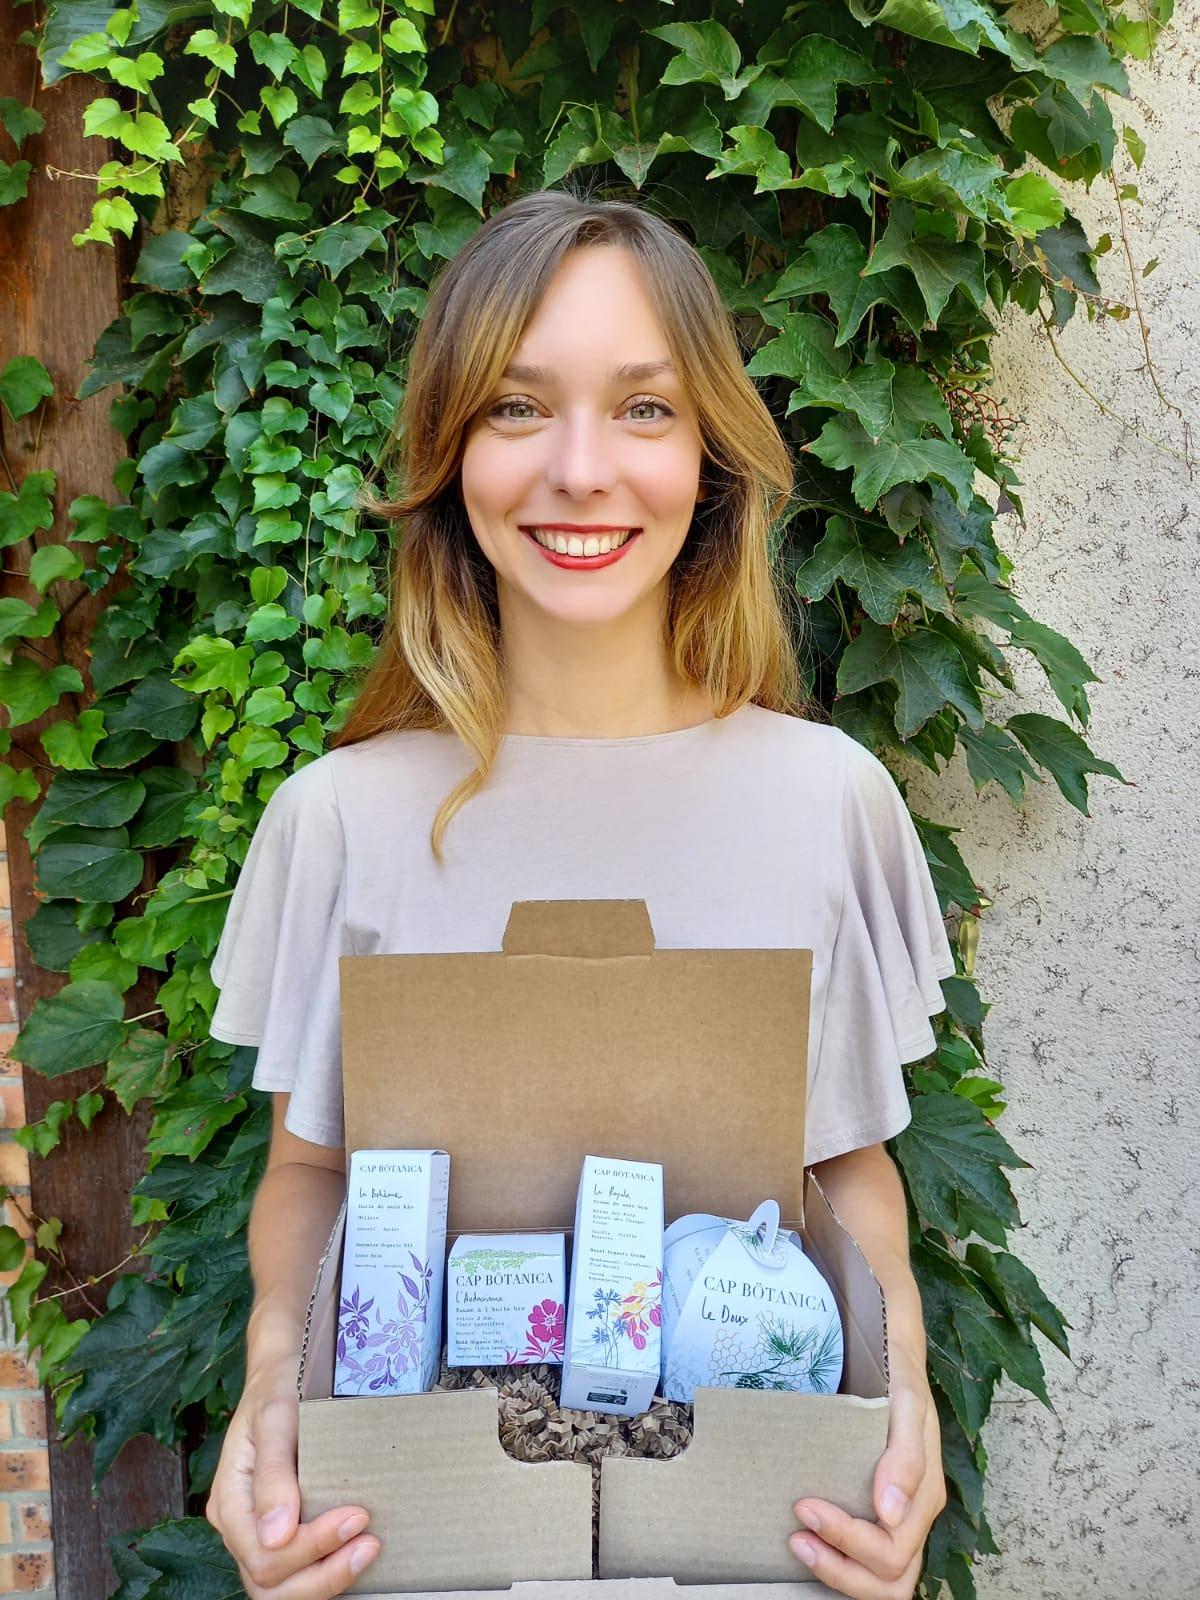 Aurélia Bré a lancé sa marque de cosmétiques 100% naturels et fabriqués artisanalement en France